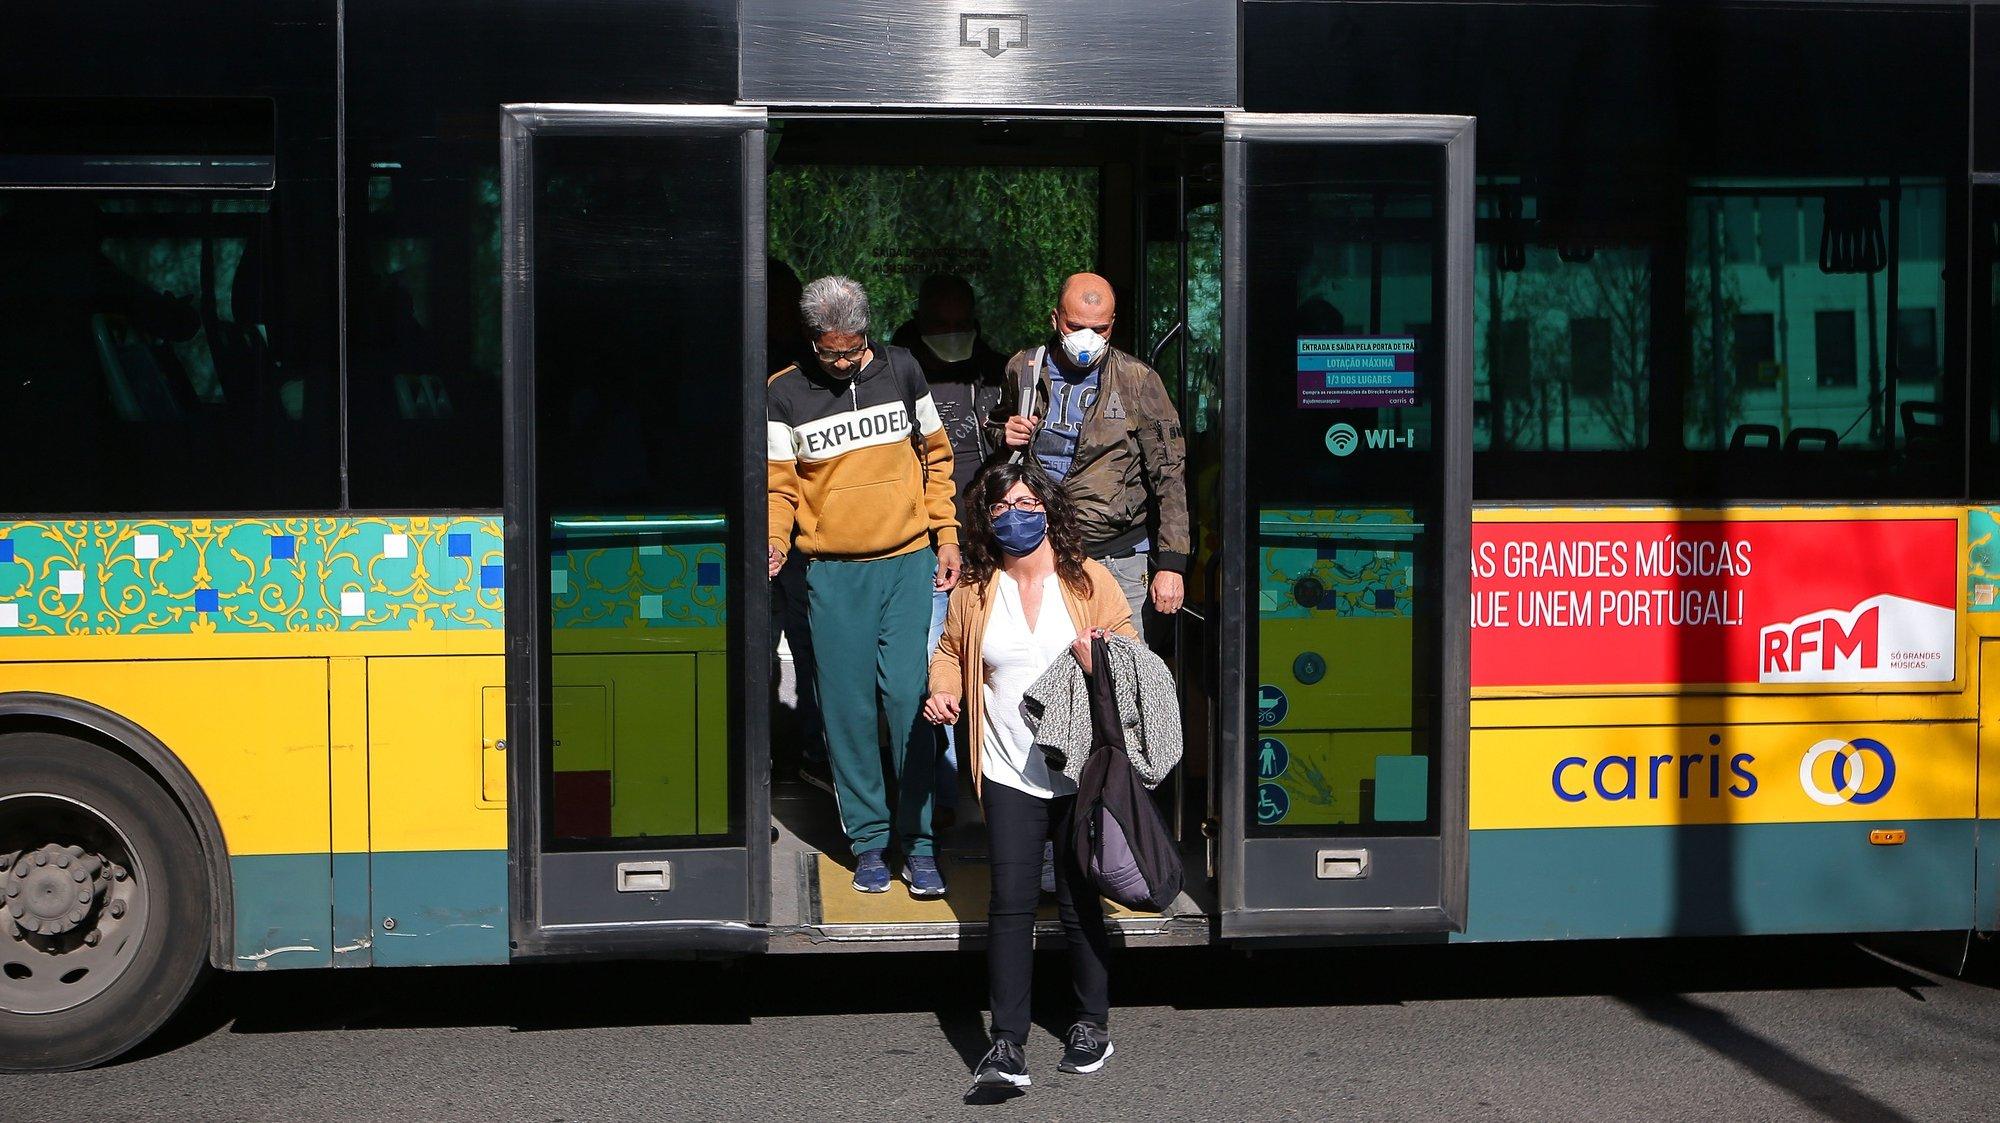 Passageiros da Carris à saída de um autocarro, em Lisboa, 29 de abril de 2020. O decreto-lei que regulamenta a aplicação do estado de emergência até dia 02 de maio, define que o número máximo de passageiros por transporte deve ser reduzido para um terço do número máximo de lugares disponíveis, por forma a garantir a distância adequada entre os utentes dos transportes. ANTÓNIO PEDRO SANTOS/LUSA